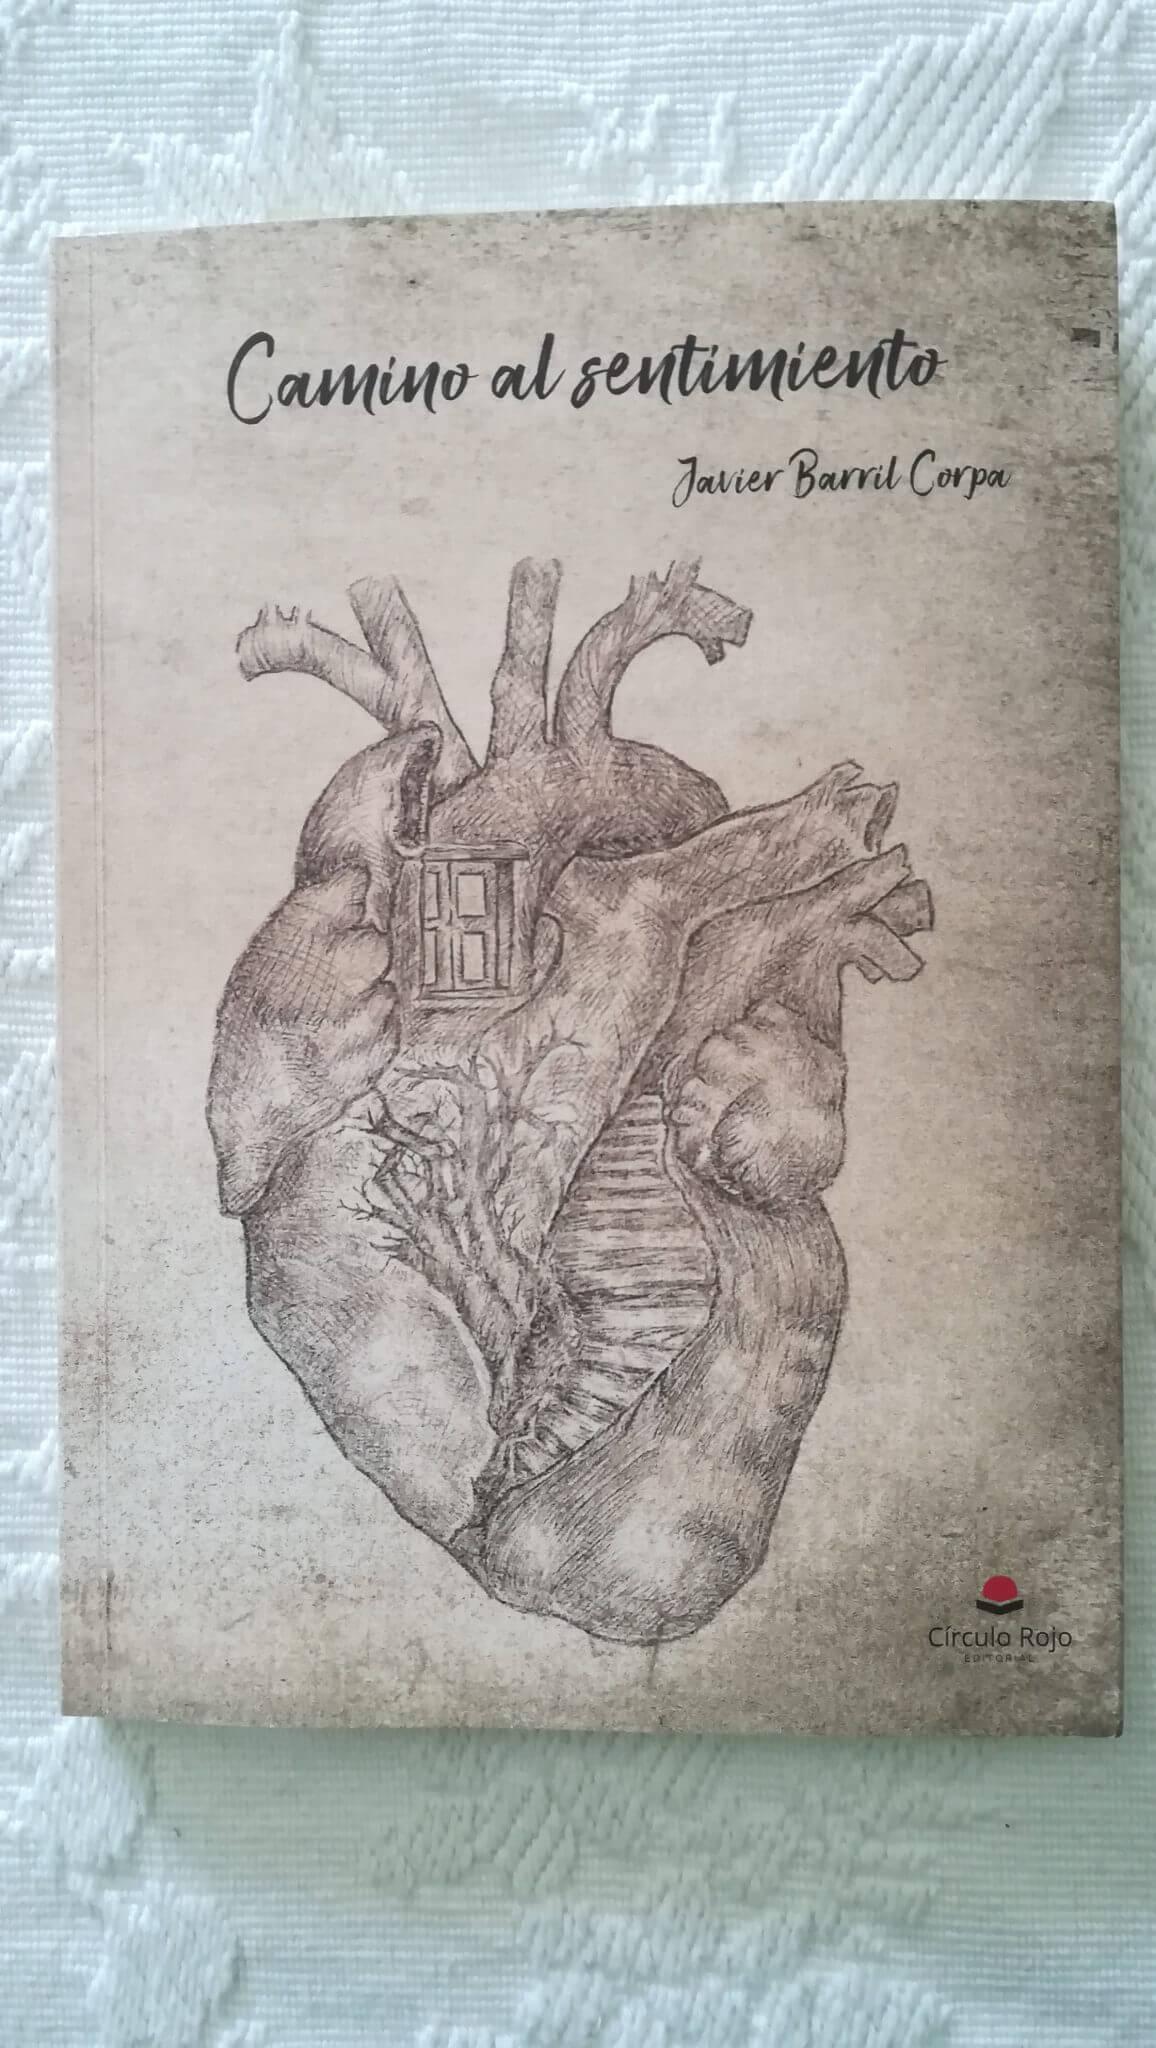 Camino al sentimiento – Javier Barril Corpa